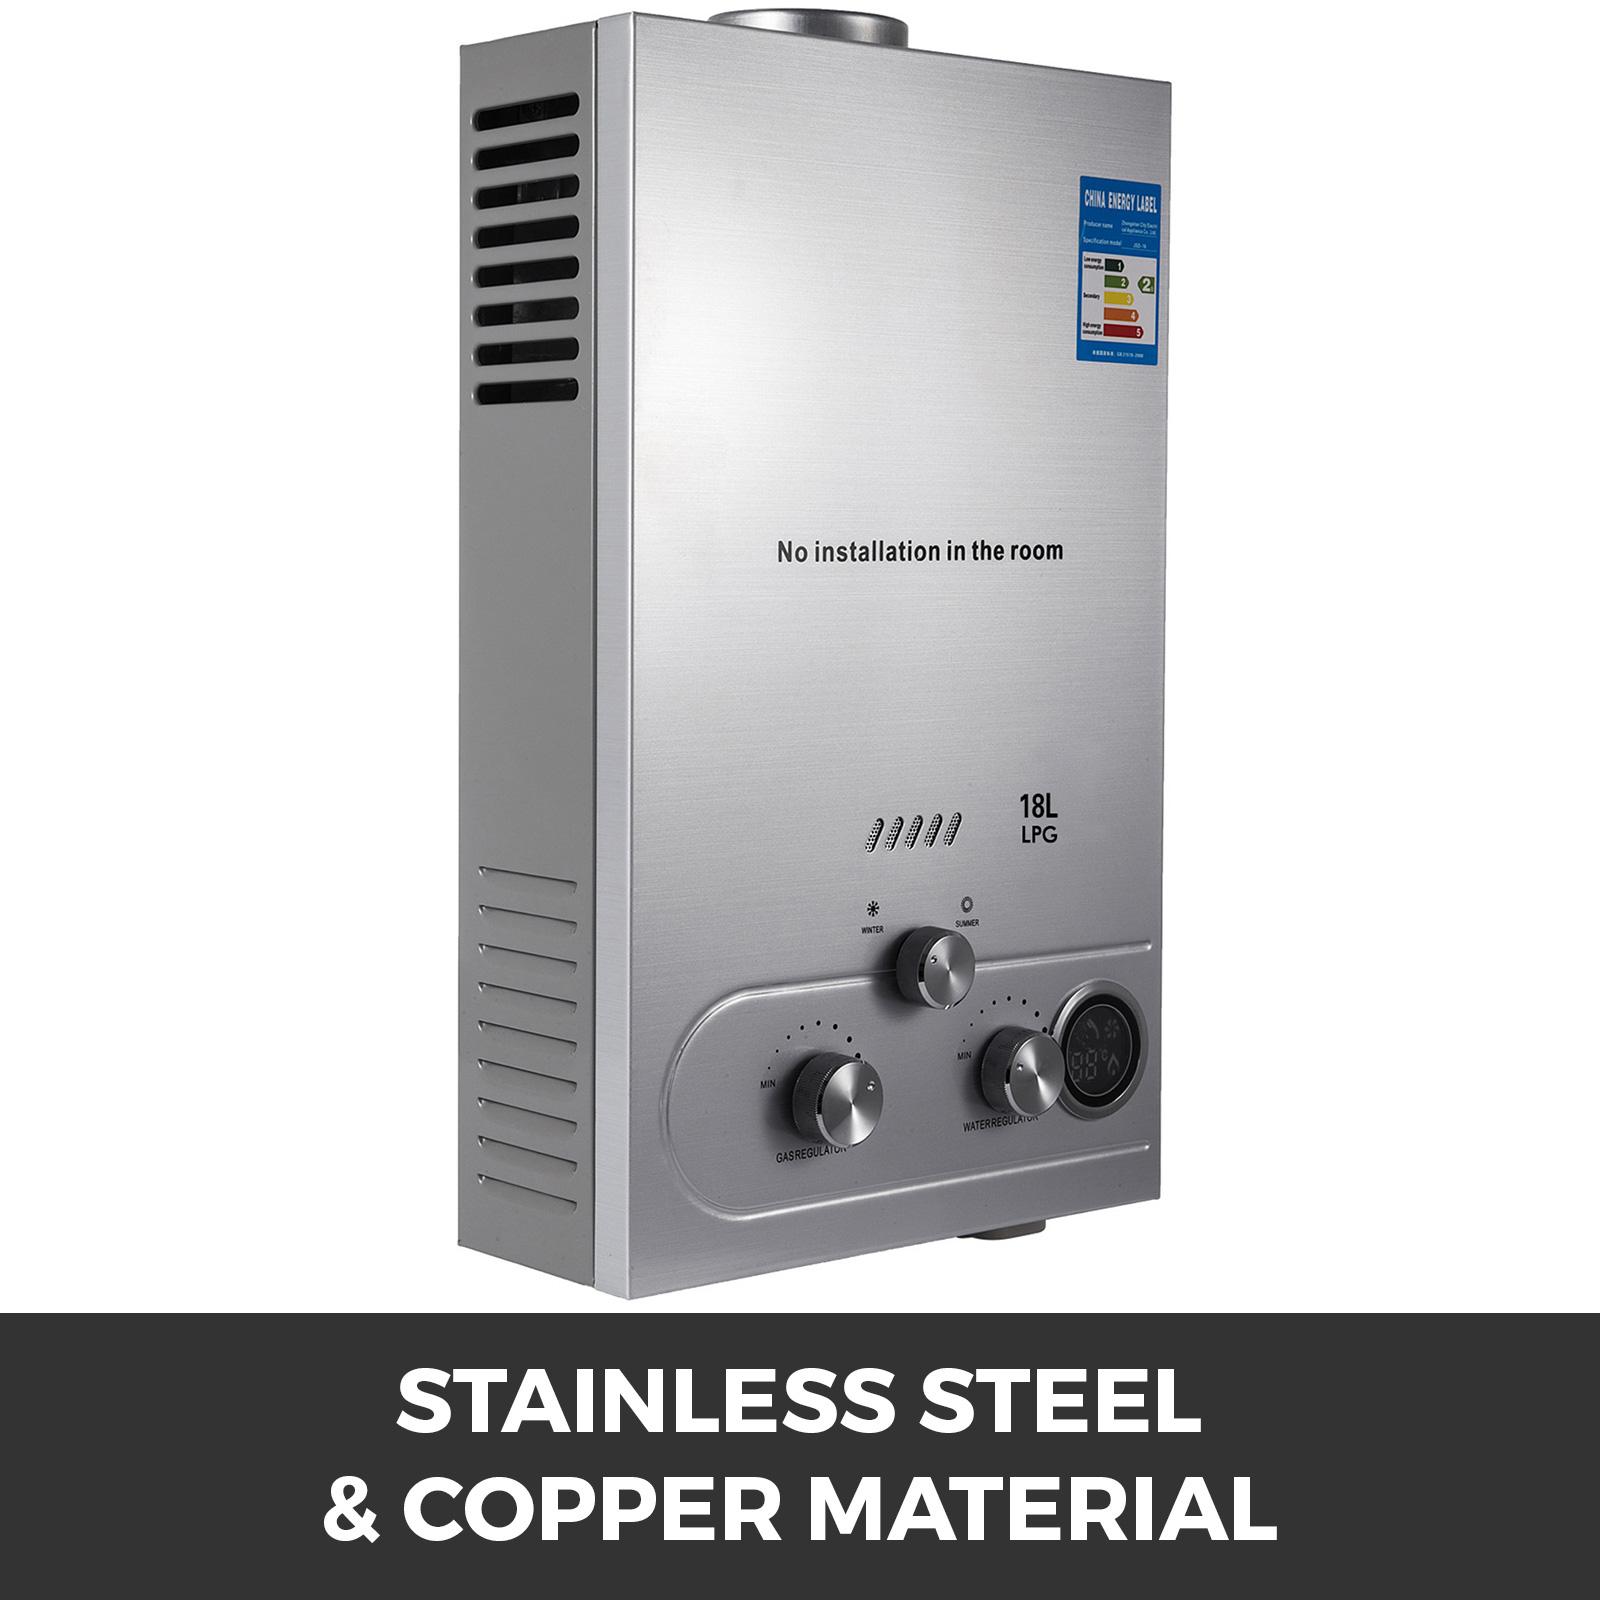 Propangas-Gas-Durchlauferhitzer-Warmwasserbereiter-Boiler-Warmwasserspeicher Indexbild 86